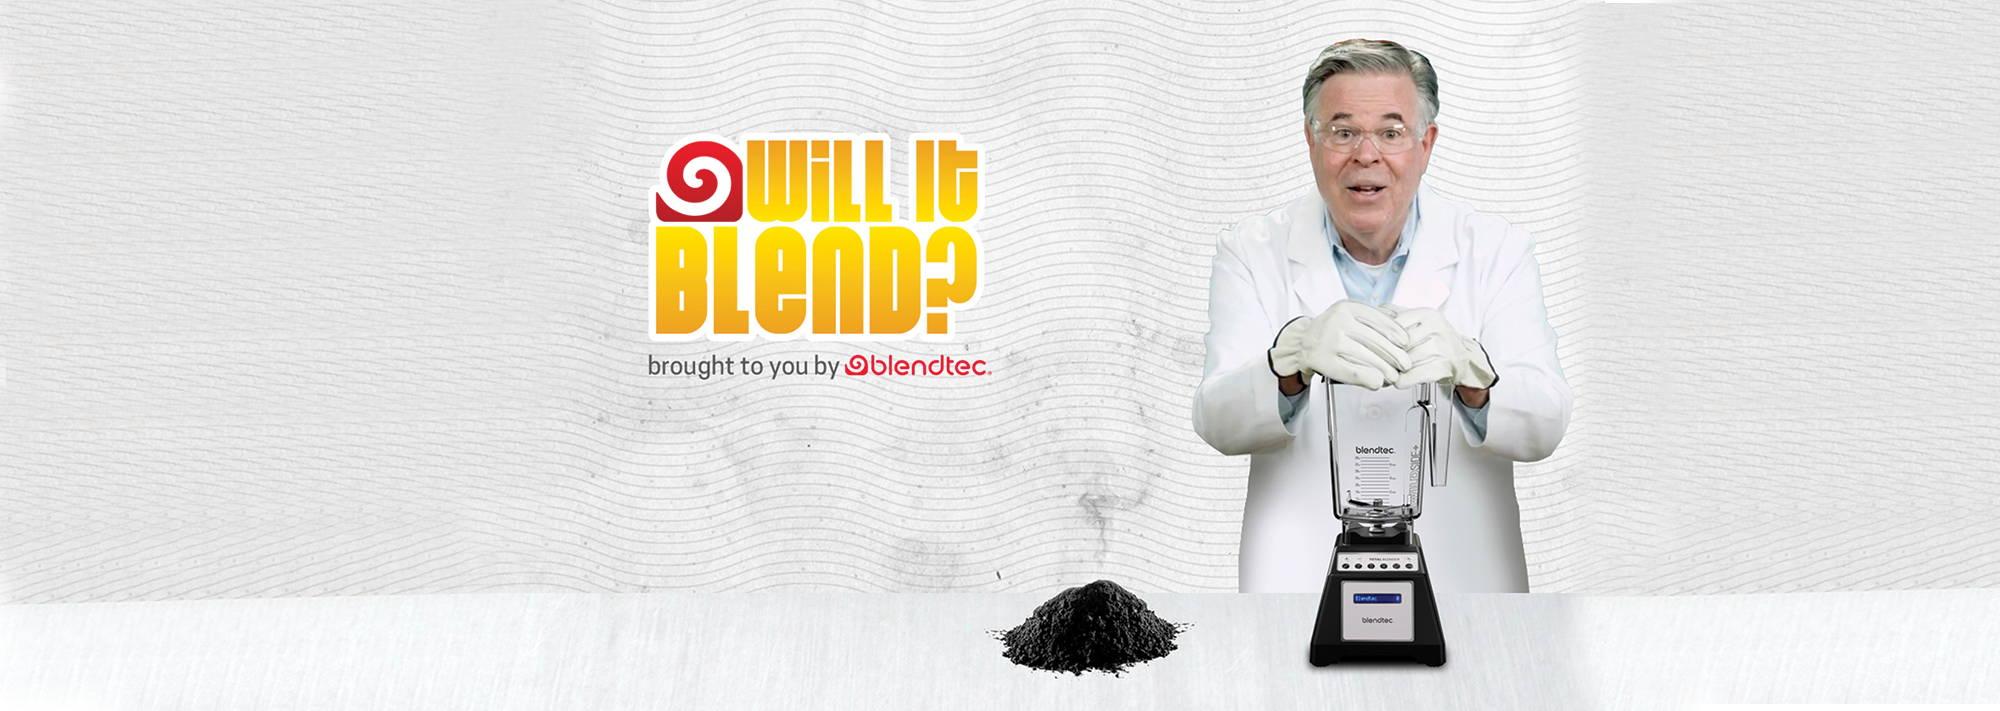 Blendtec's Will It Bend